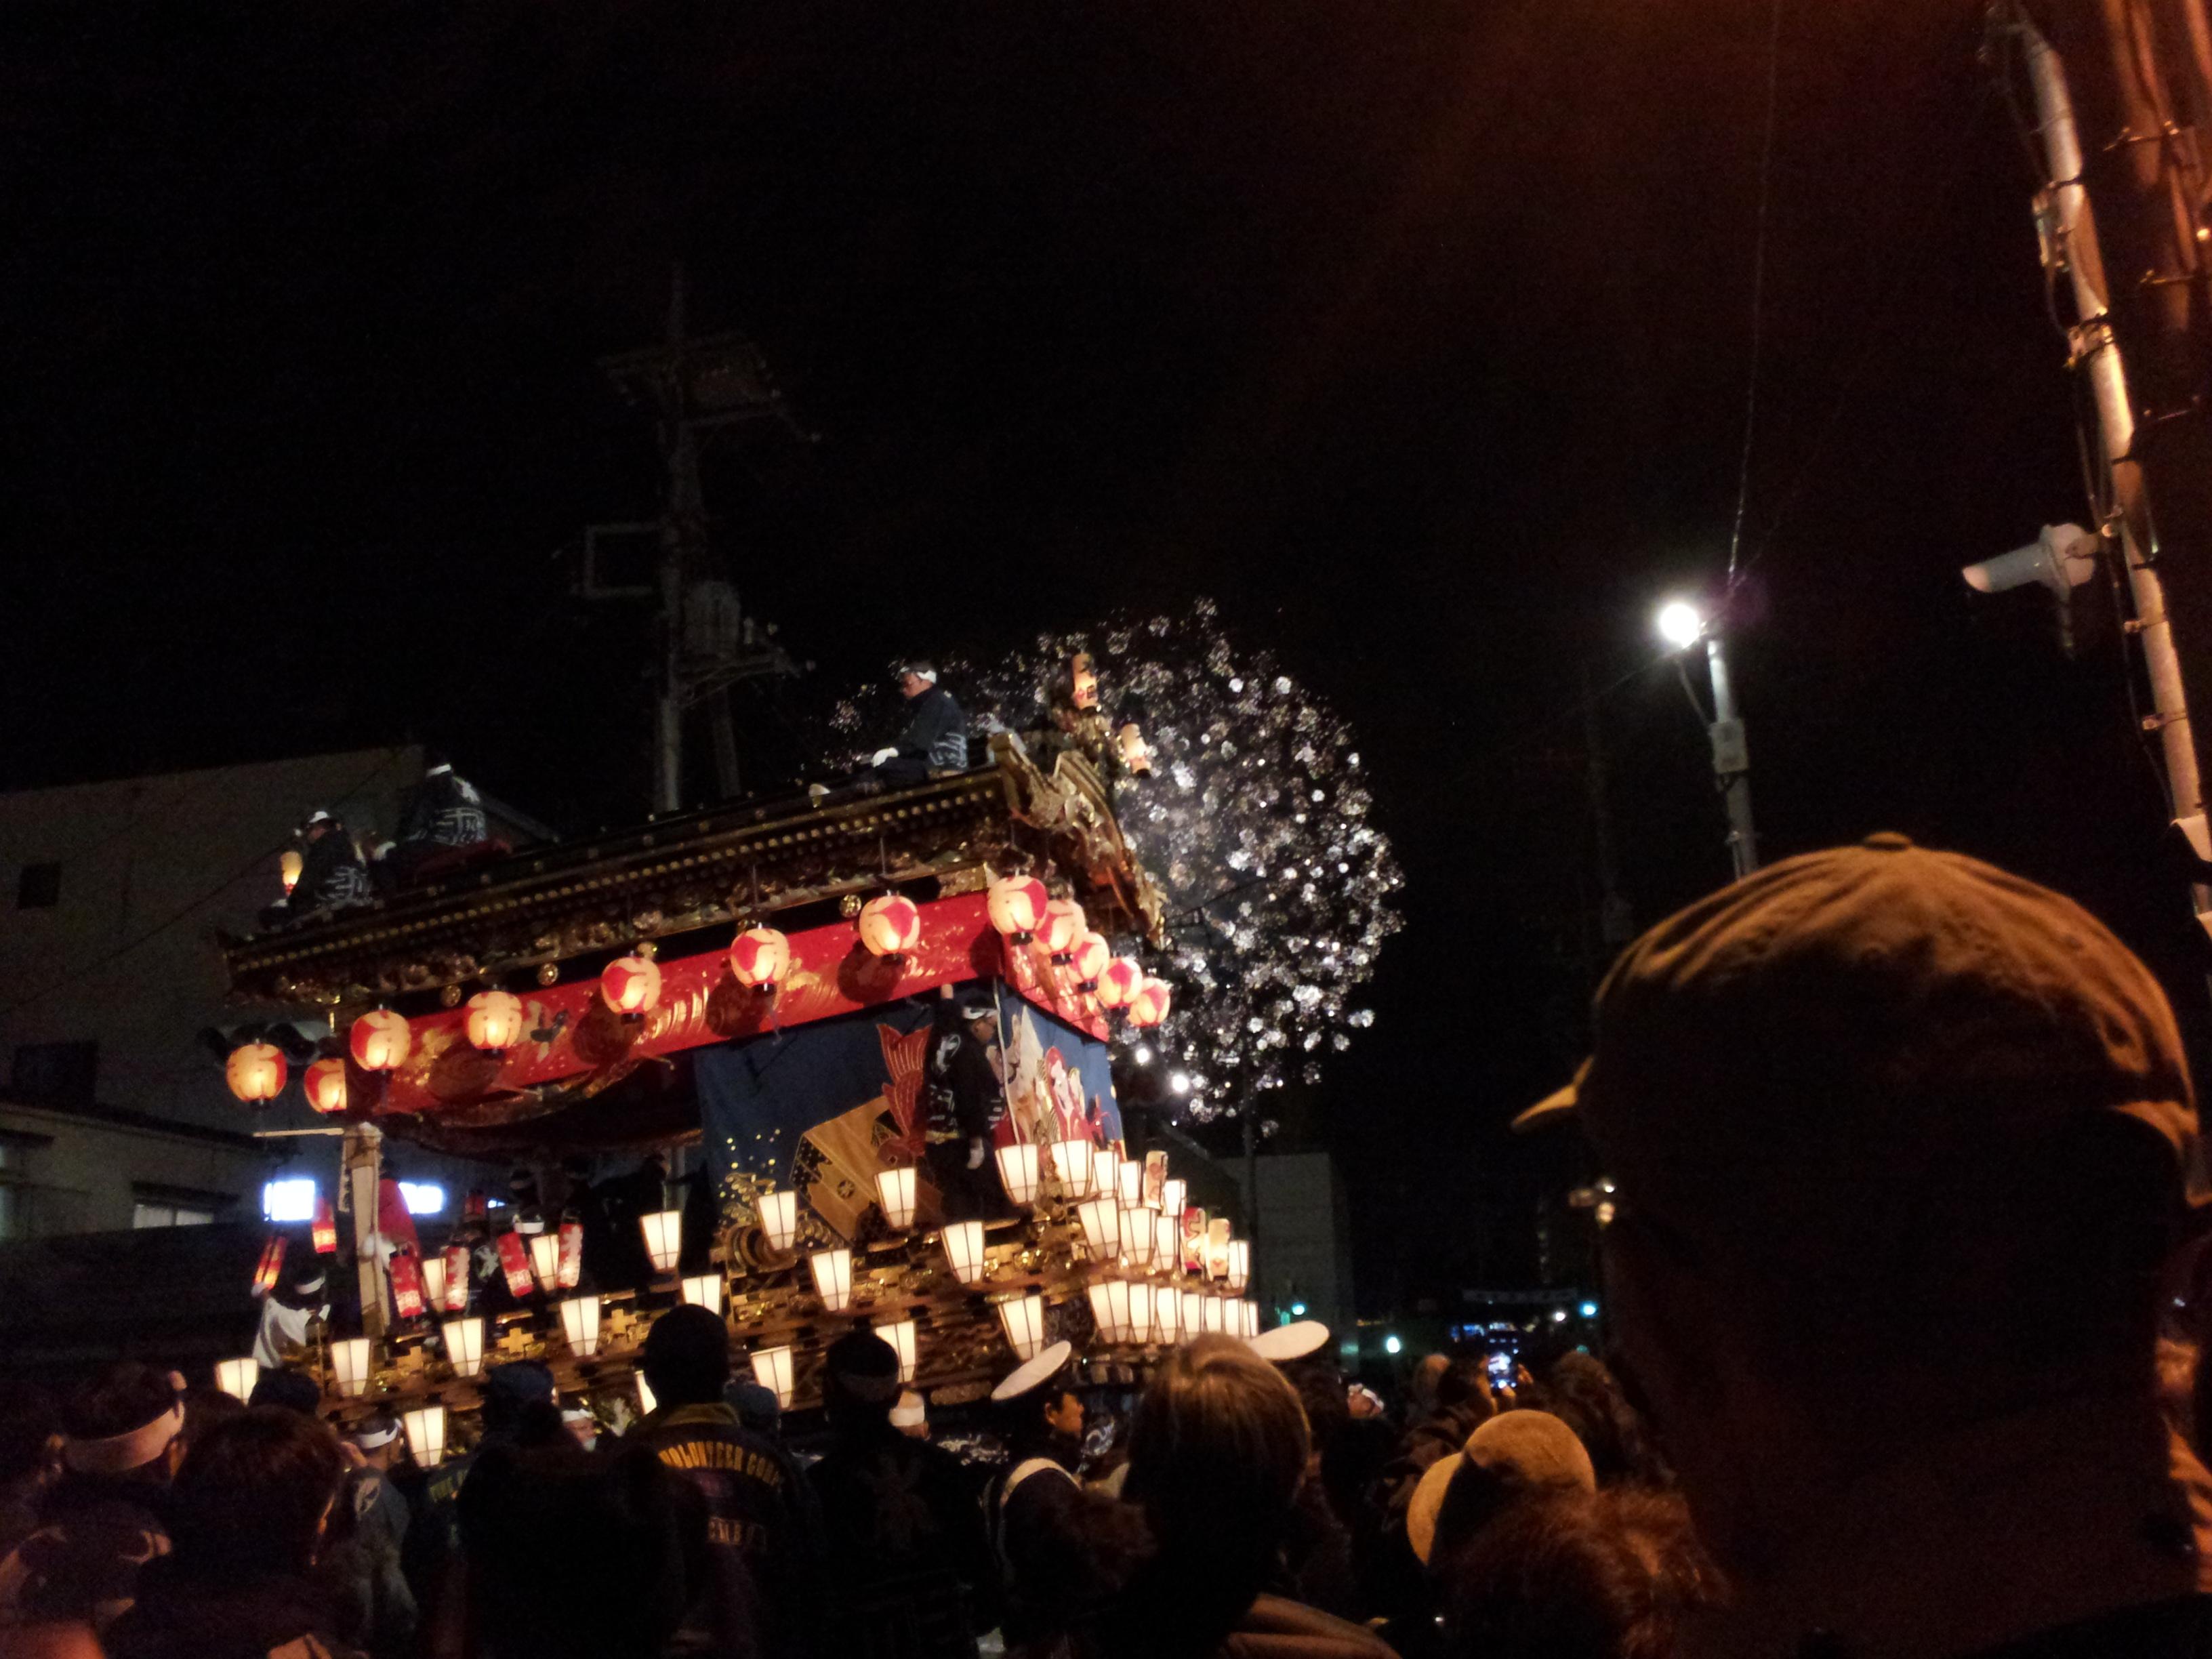 秩父夜祭の見どころとスケジュール2016